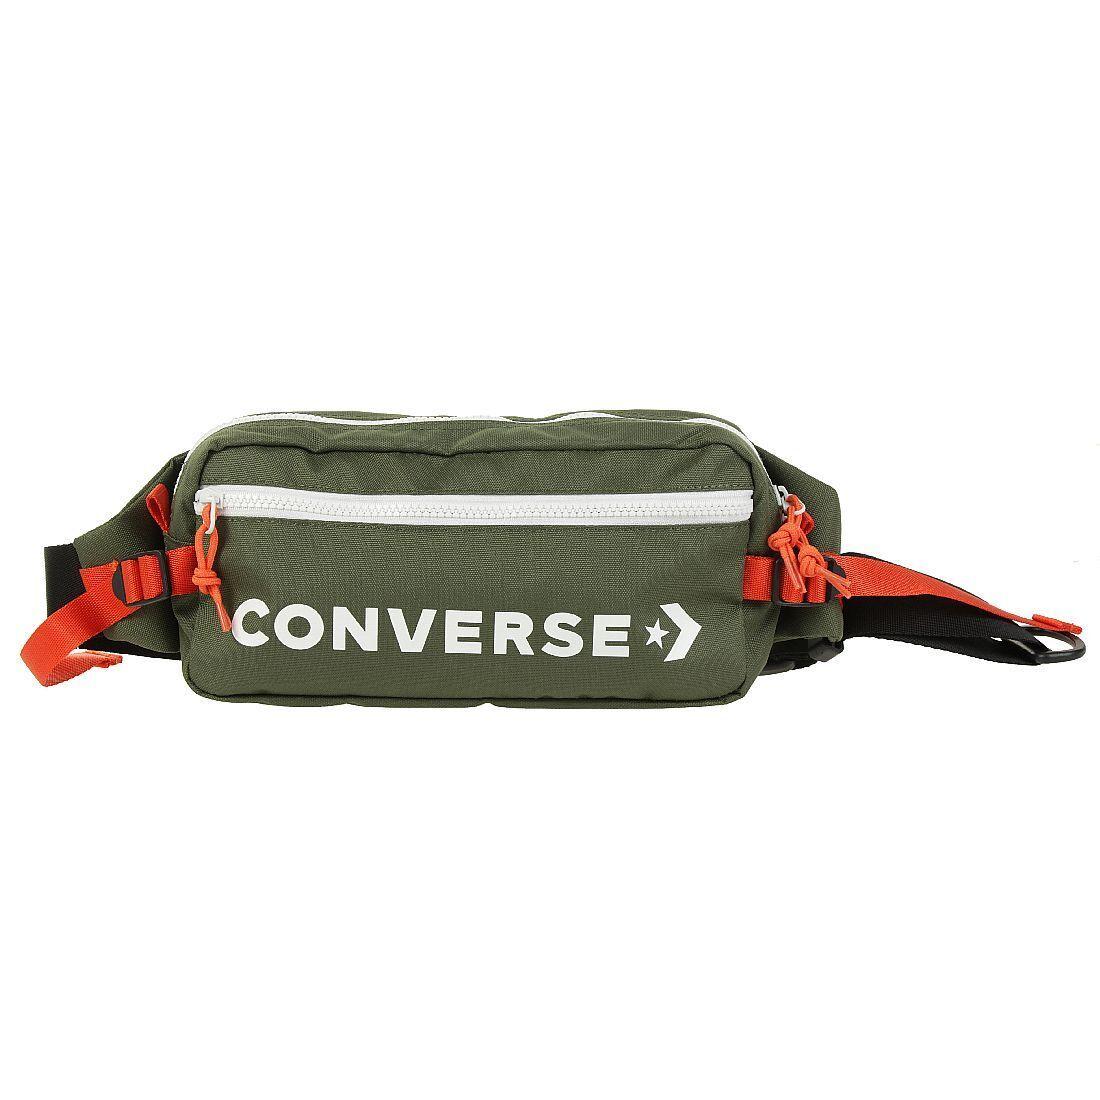 Converse Rápido Paquete Bolsa  de Cinturón Unisex verde 10006946  la mejor oferta de tienda online